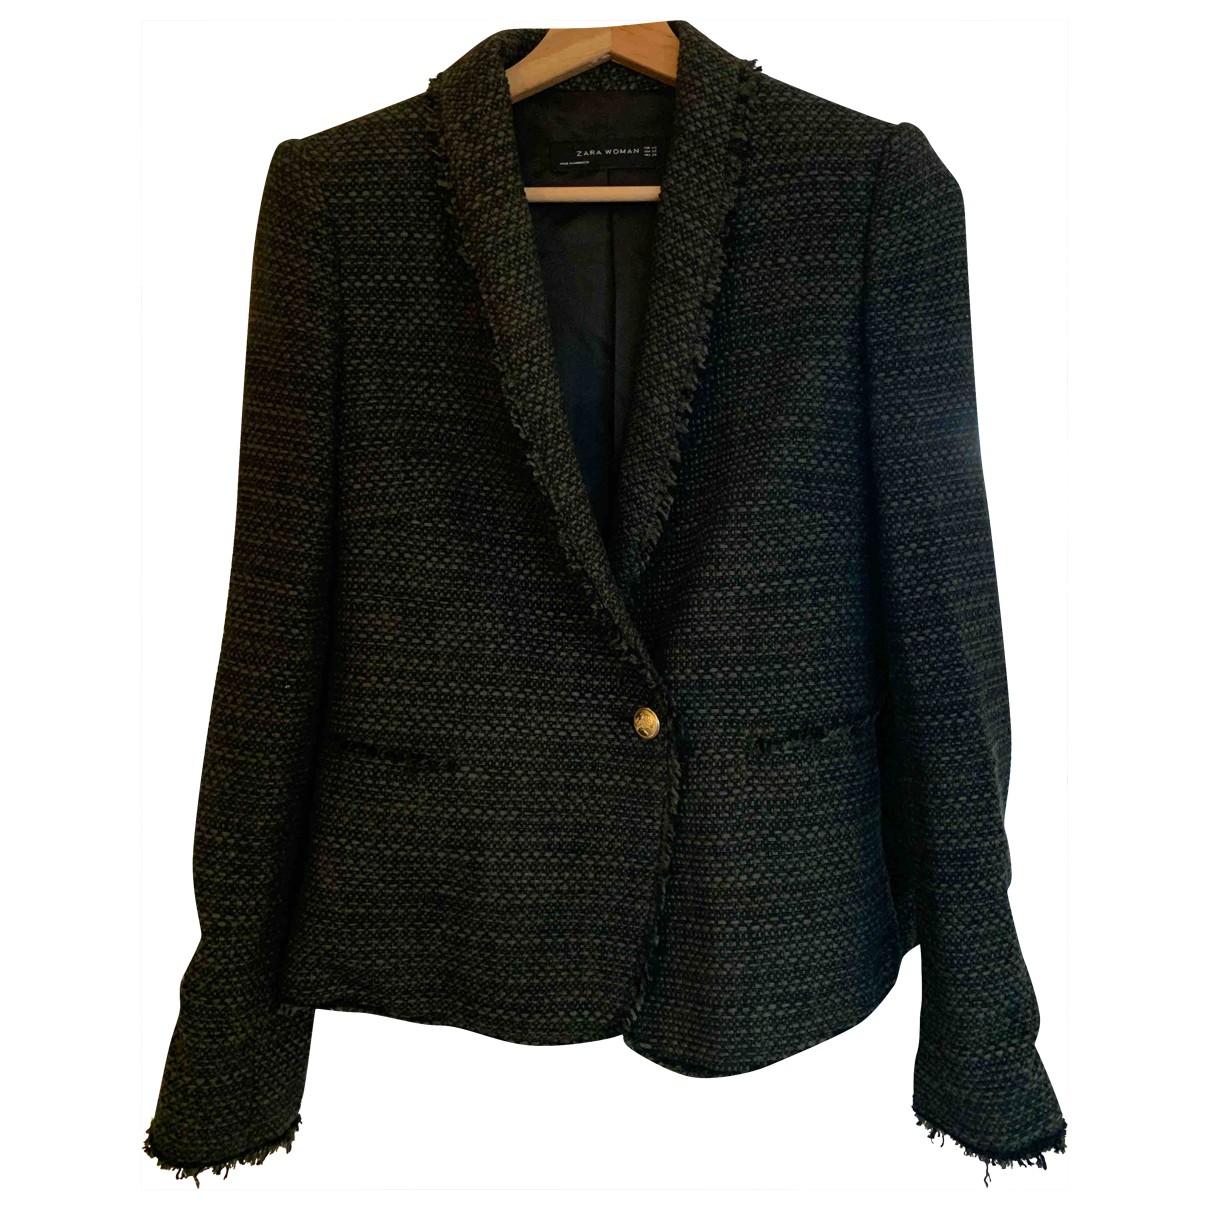 Zara \N Jacke in  Khaki Tweed